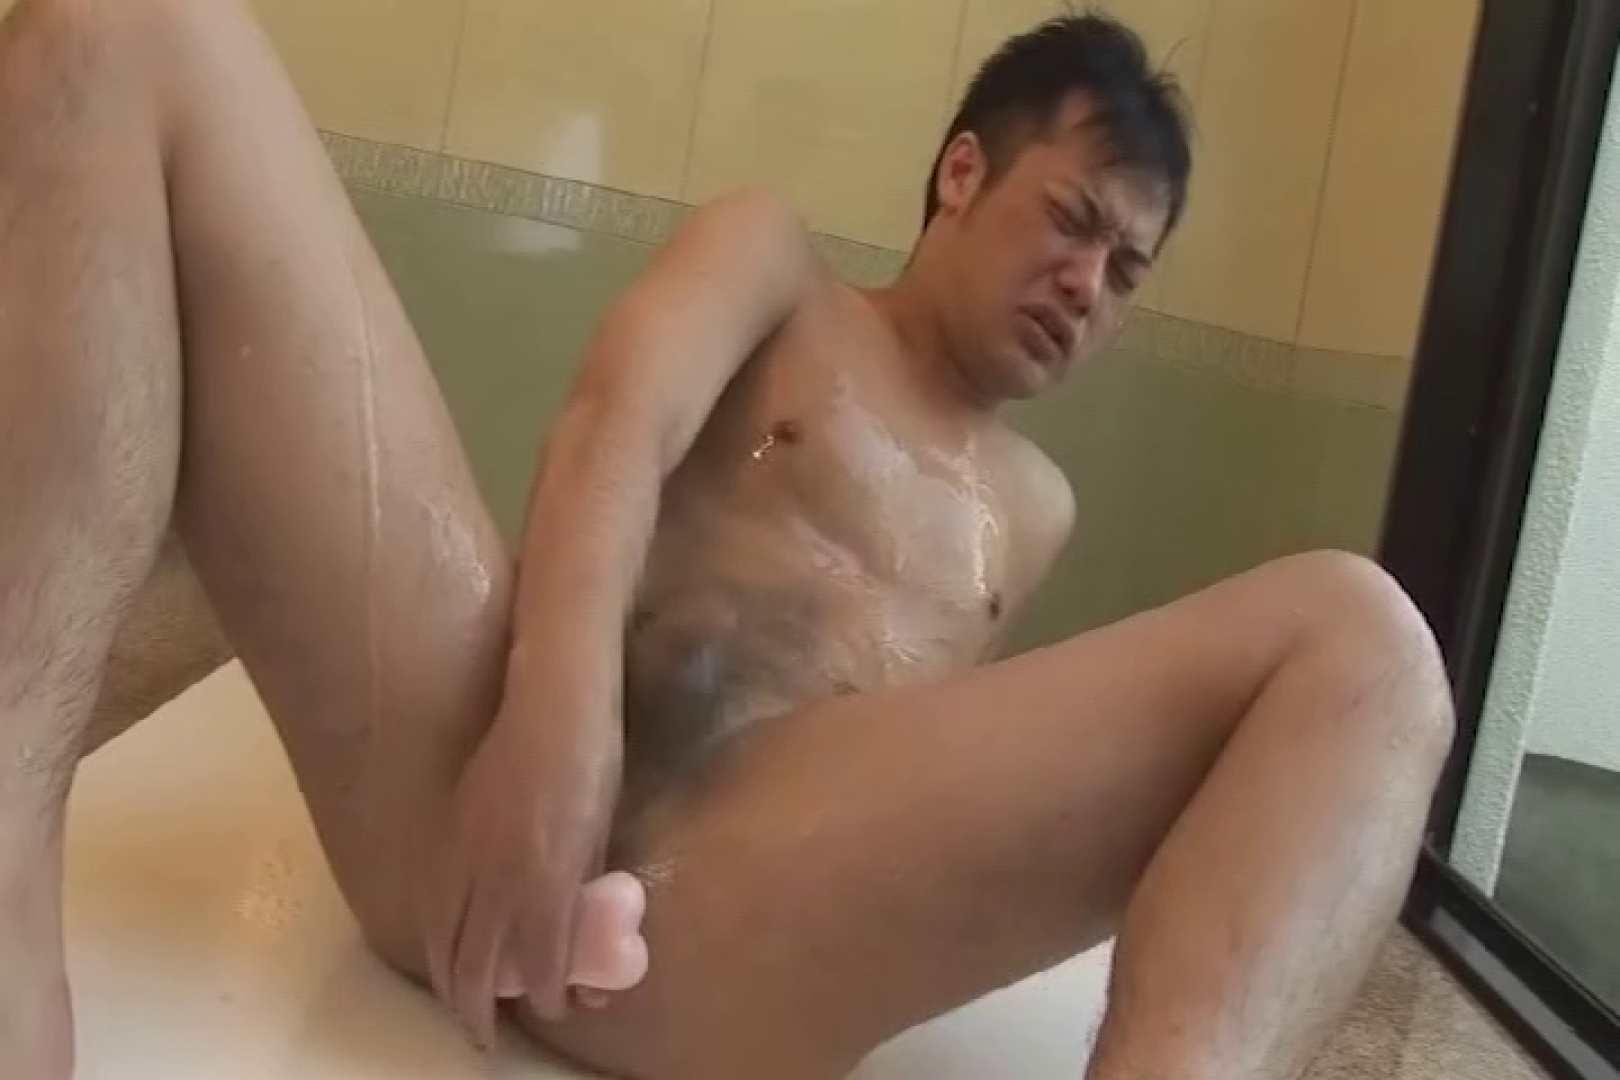 暴れん棒!!雄穴を狙え!! vol.02 ローターまつり ゲイ無修正画像 71pic 61